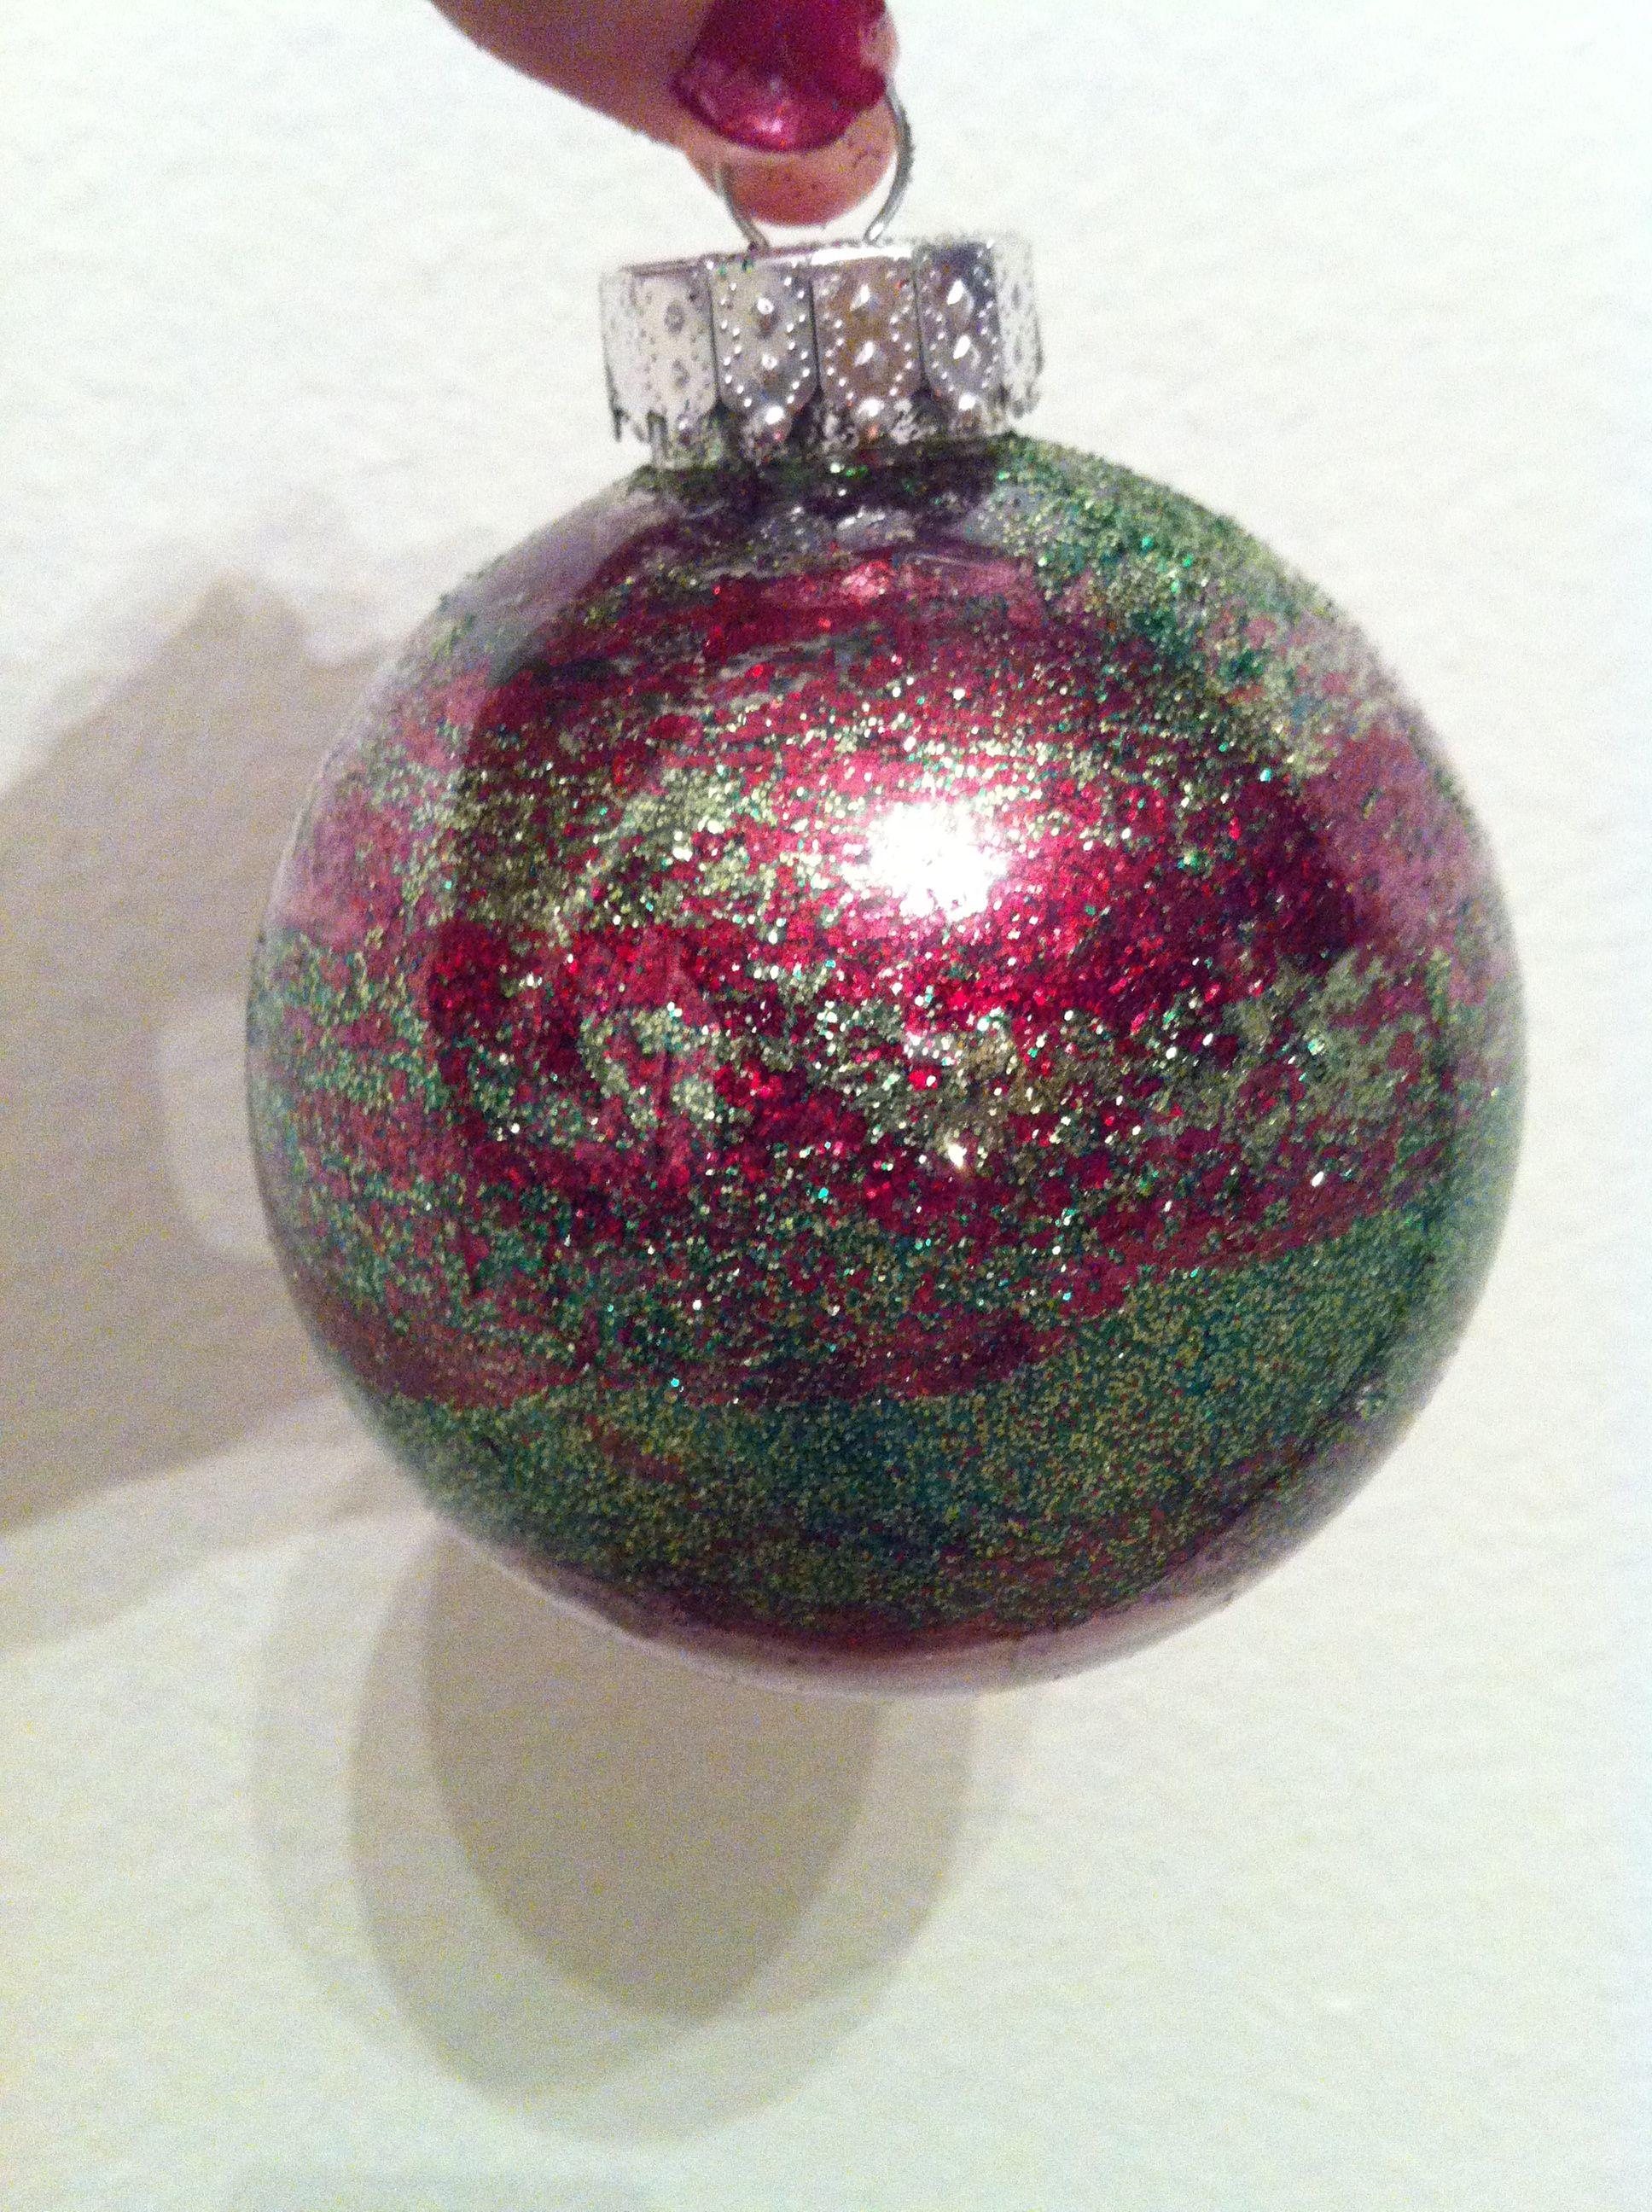 Homemade Glitter Christmas Ornament